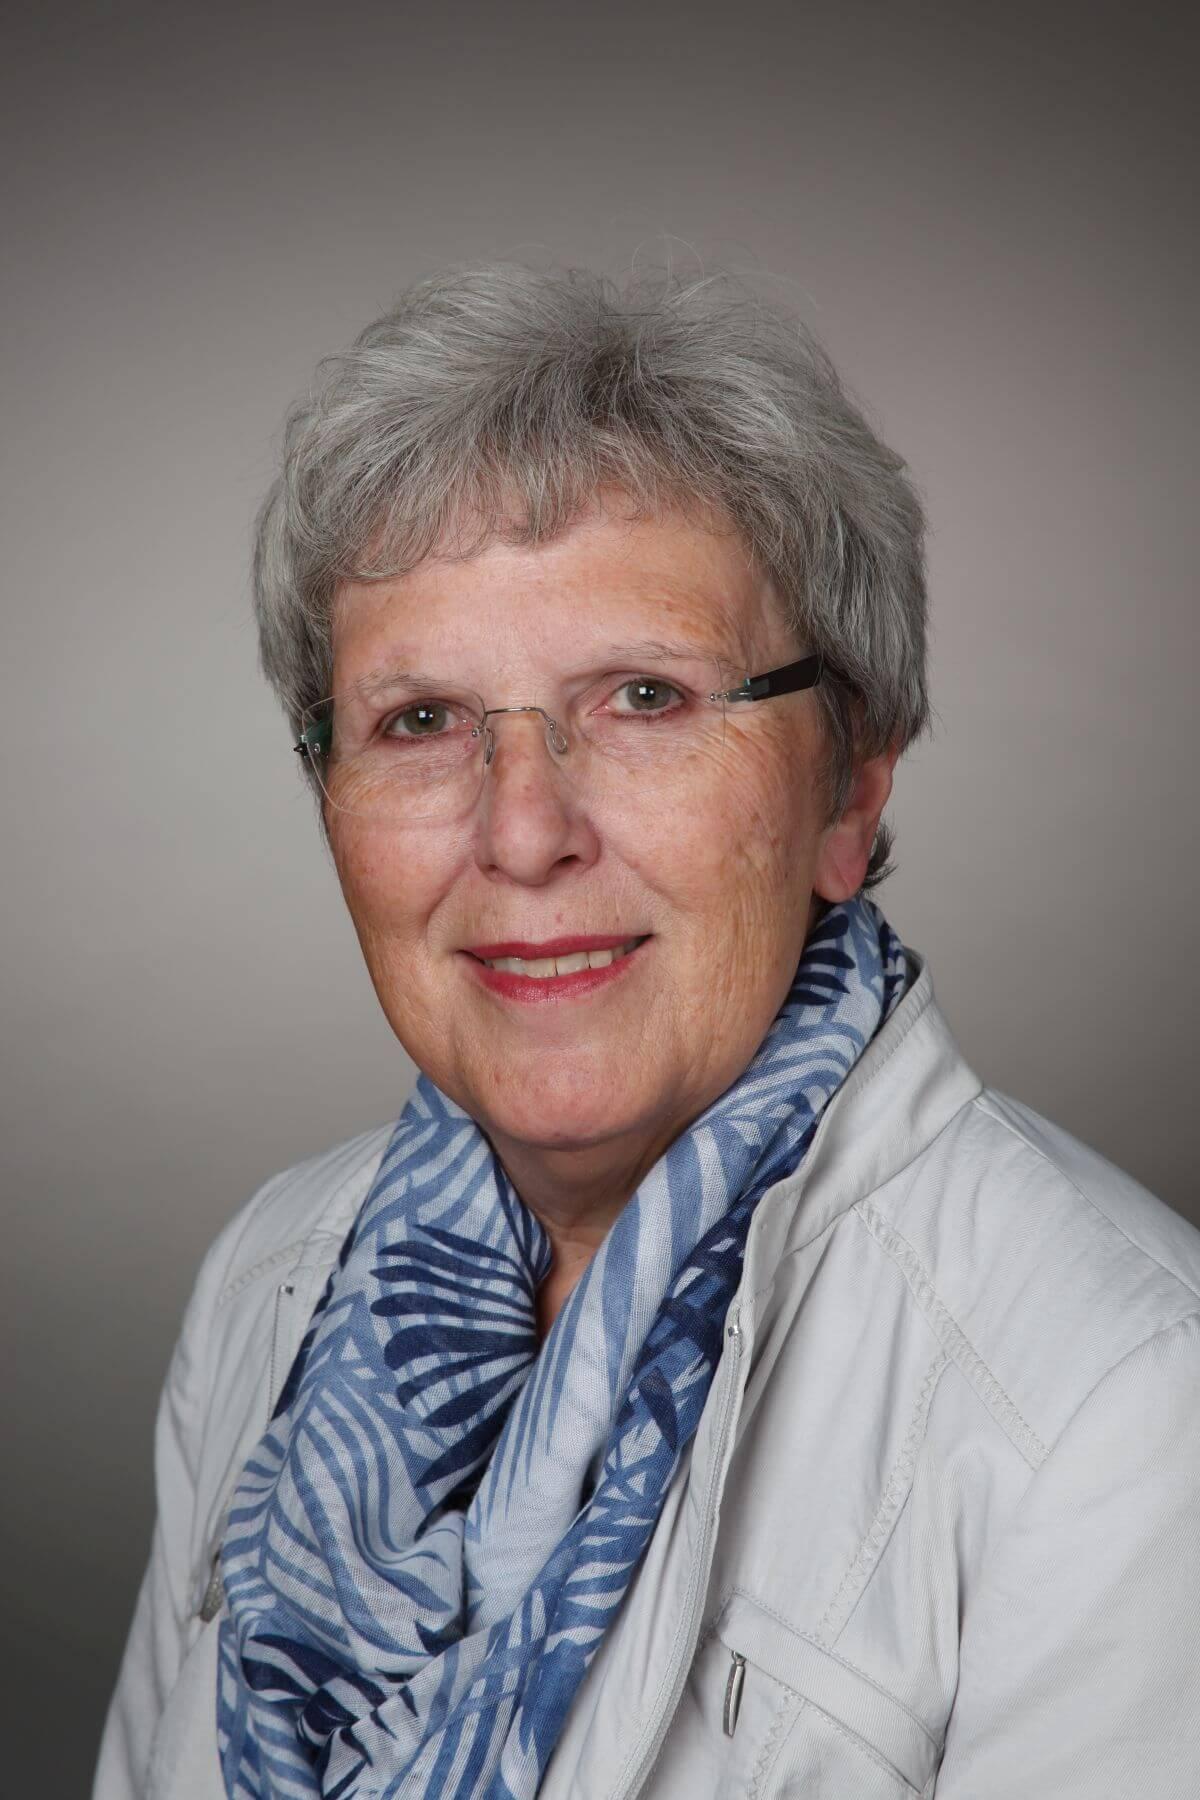 Hedi Meichle